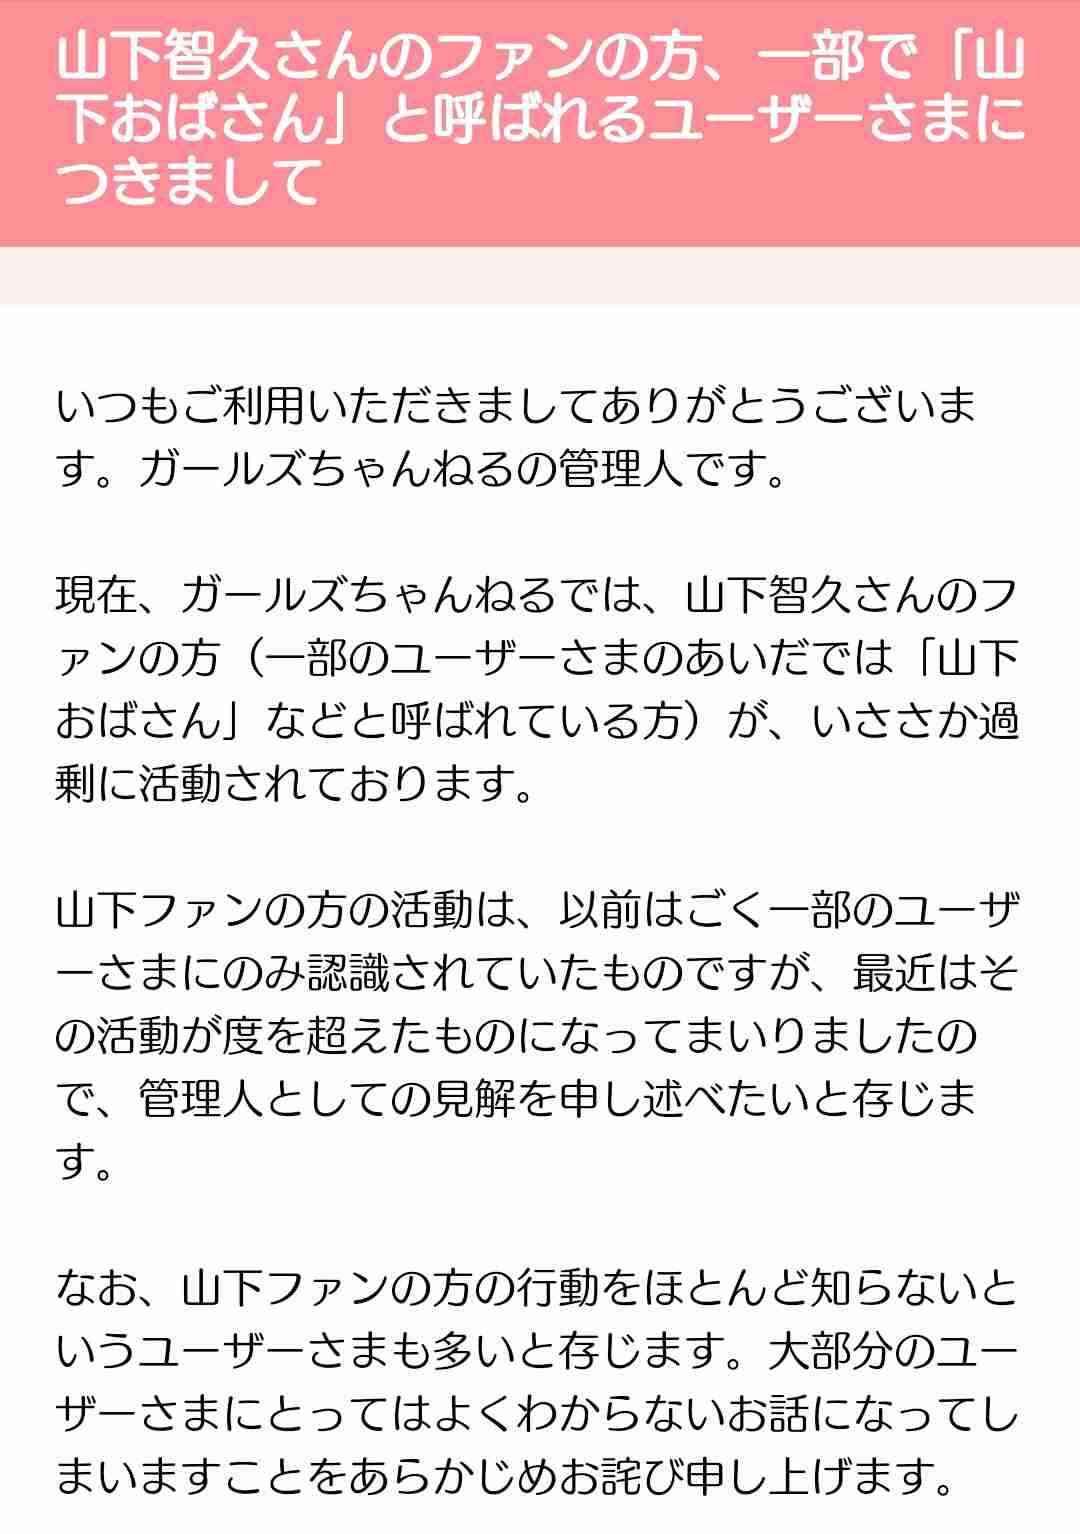 【名作】ガルちゃん民の作品集【迷作】